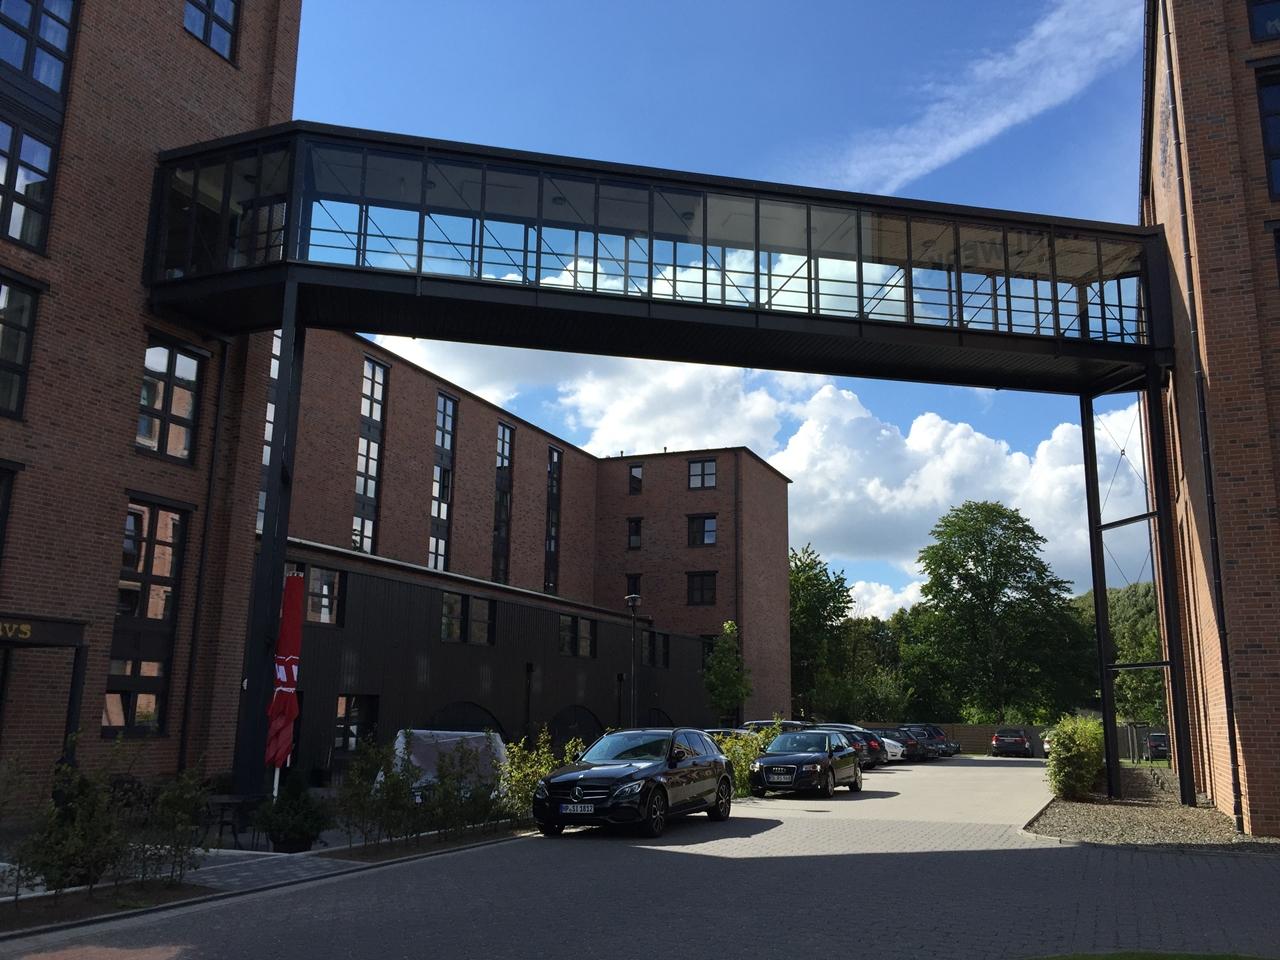 2015-Verbindungsbrücke-Hotel-Altes-Stahlwerk-Neumünster-11